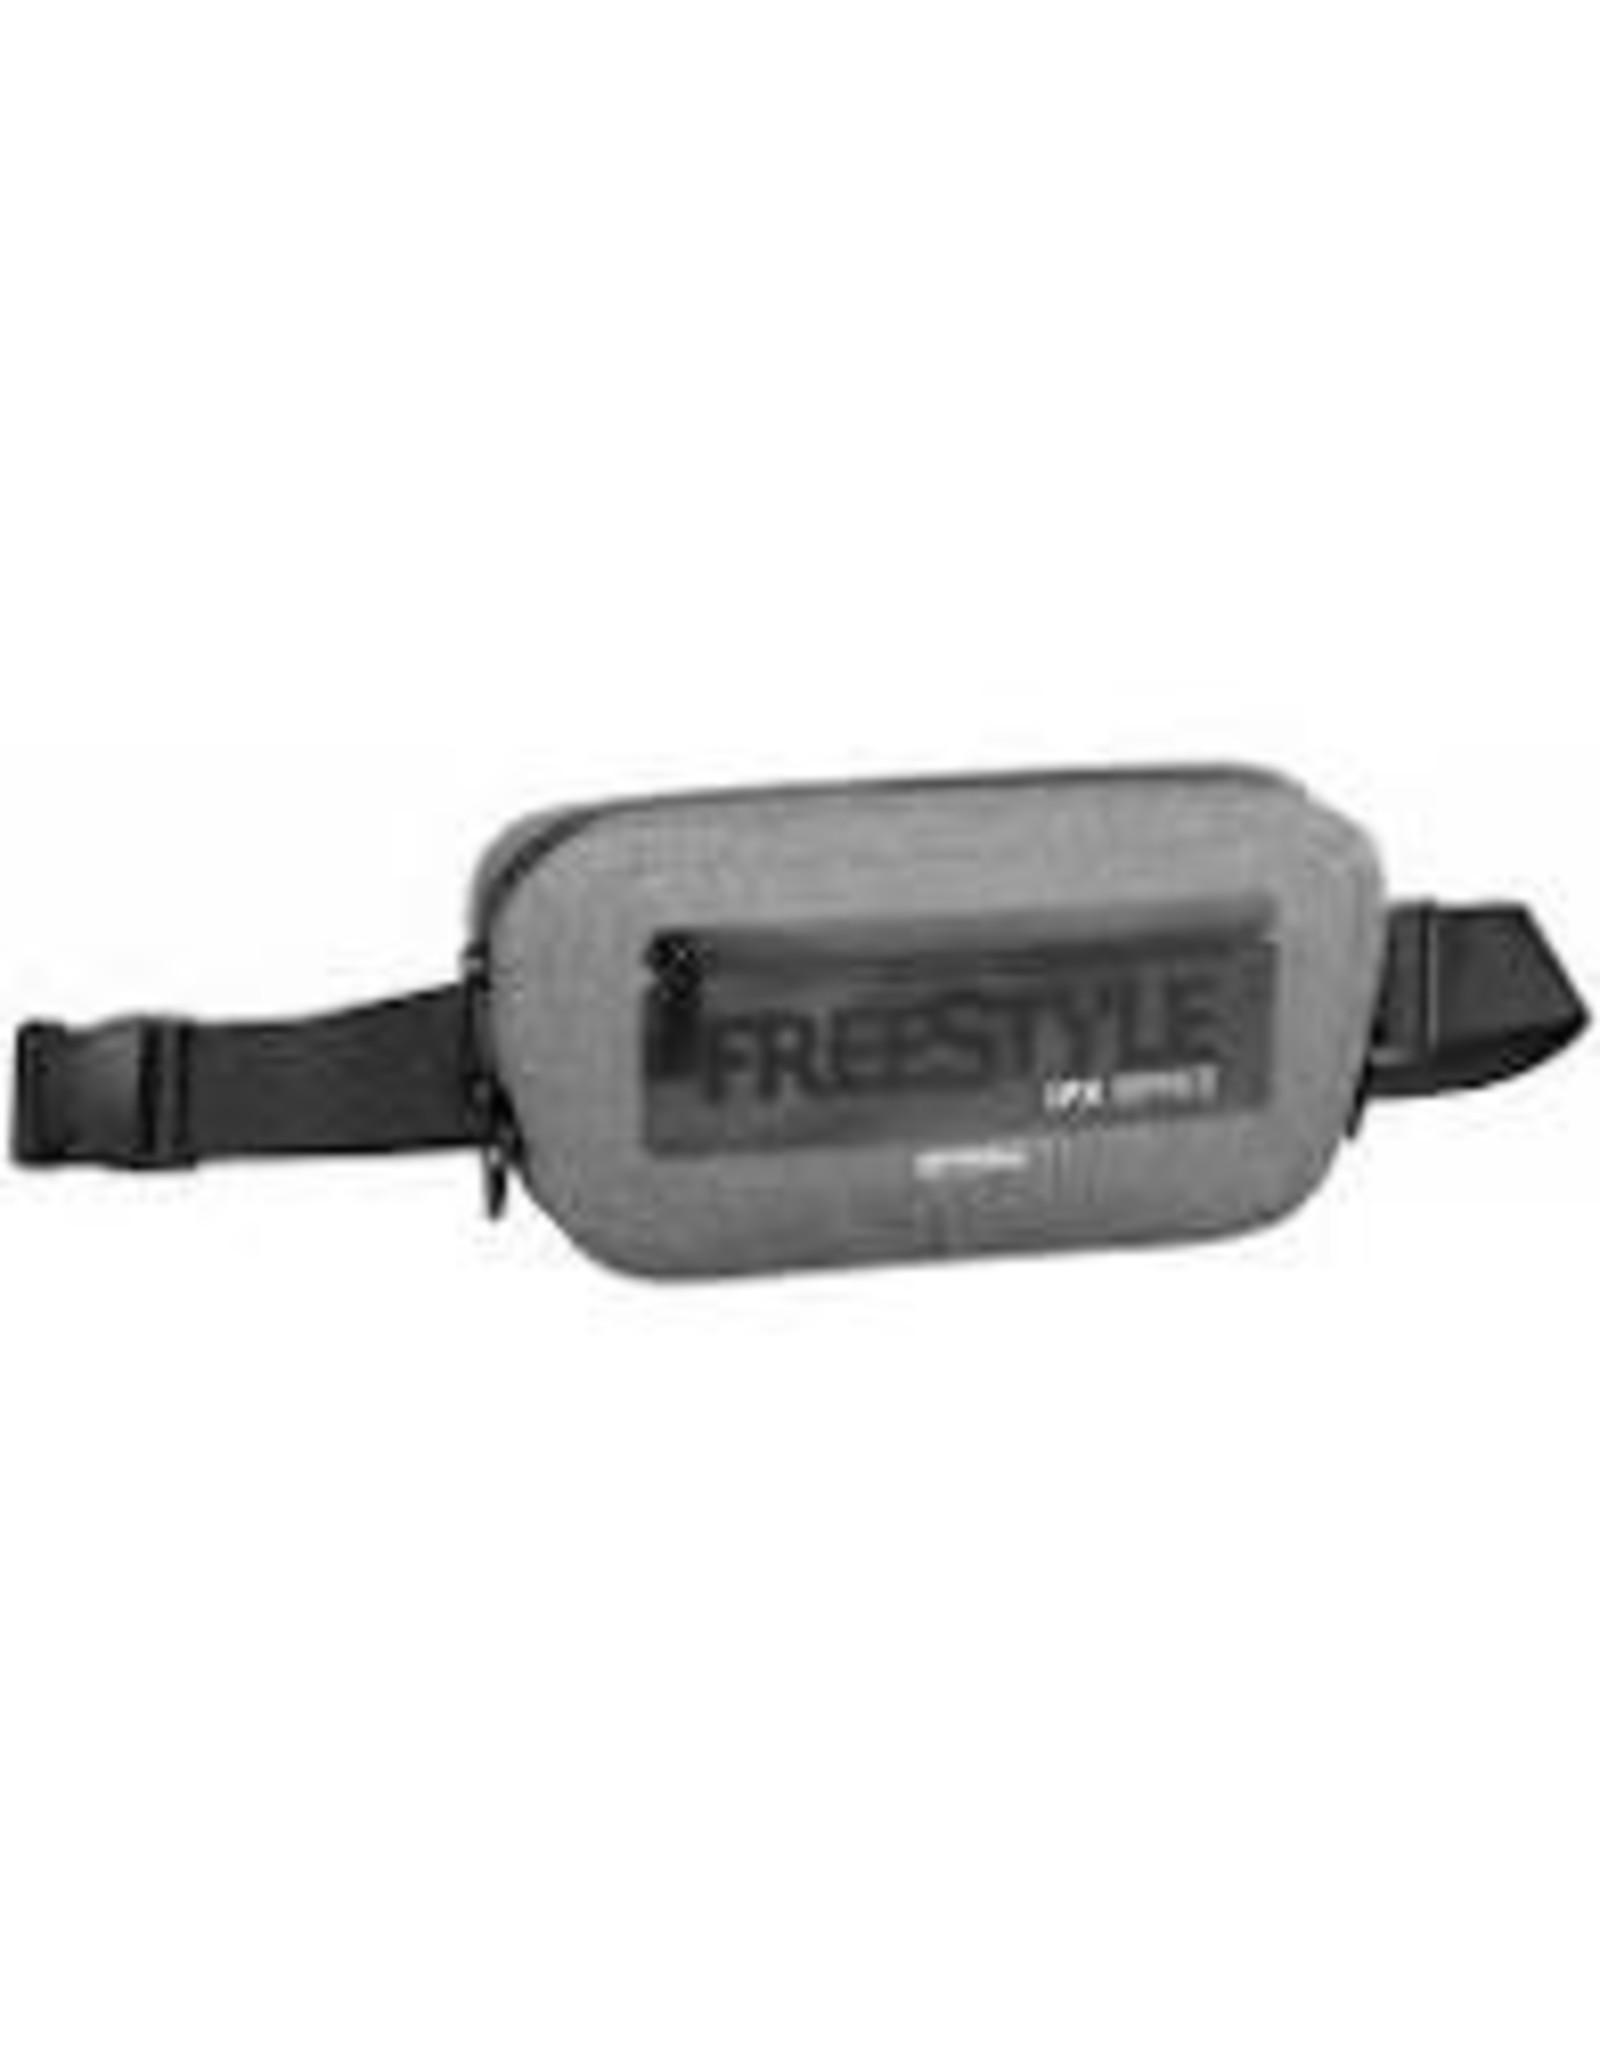 freestyle Freestyle Ipx Belt